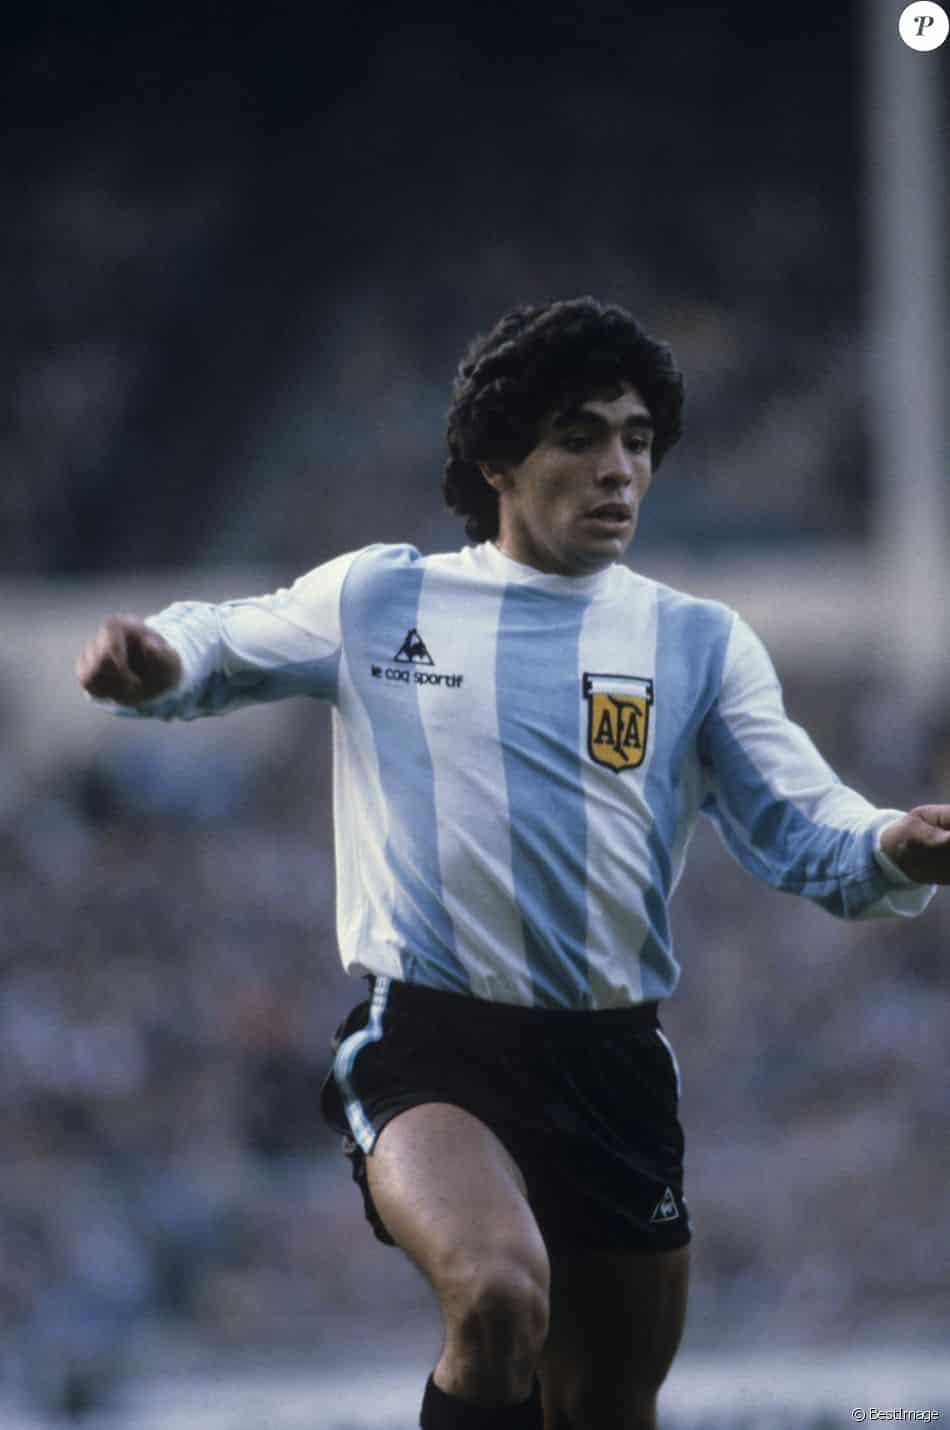 diego-maradona-argentine